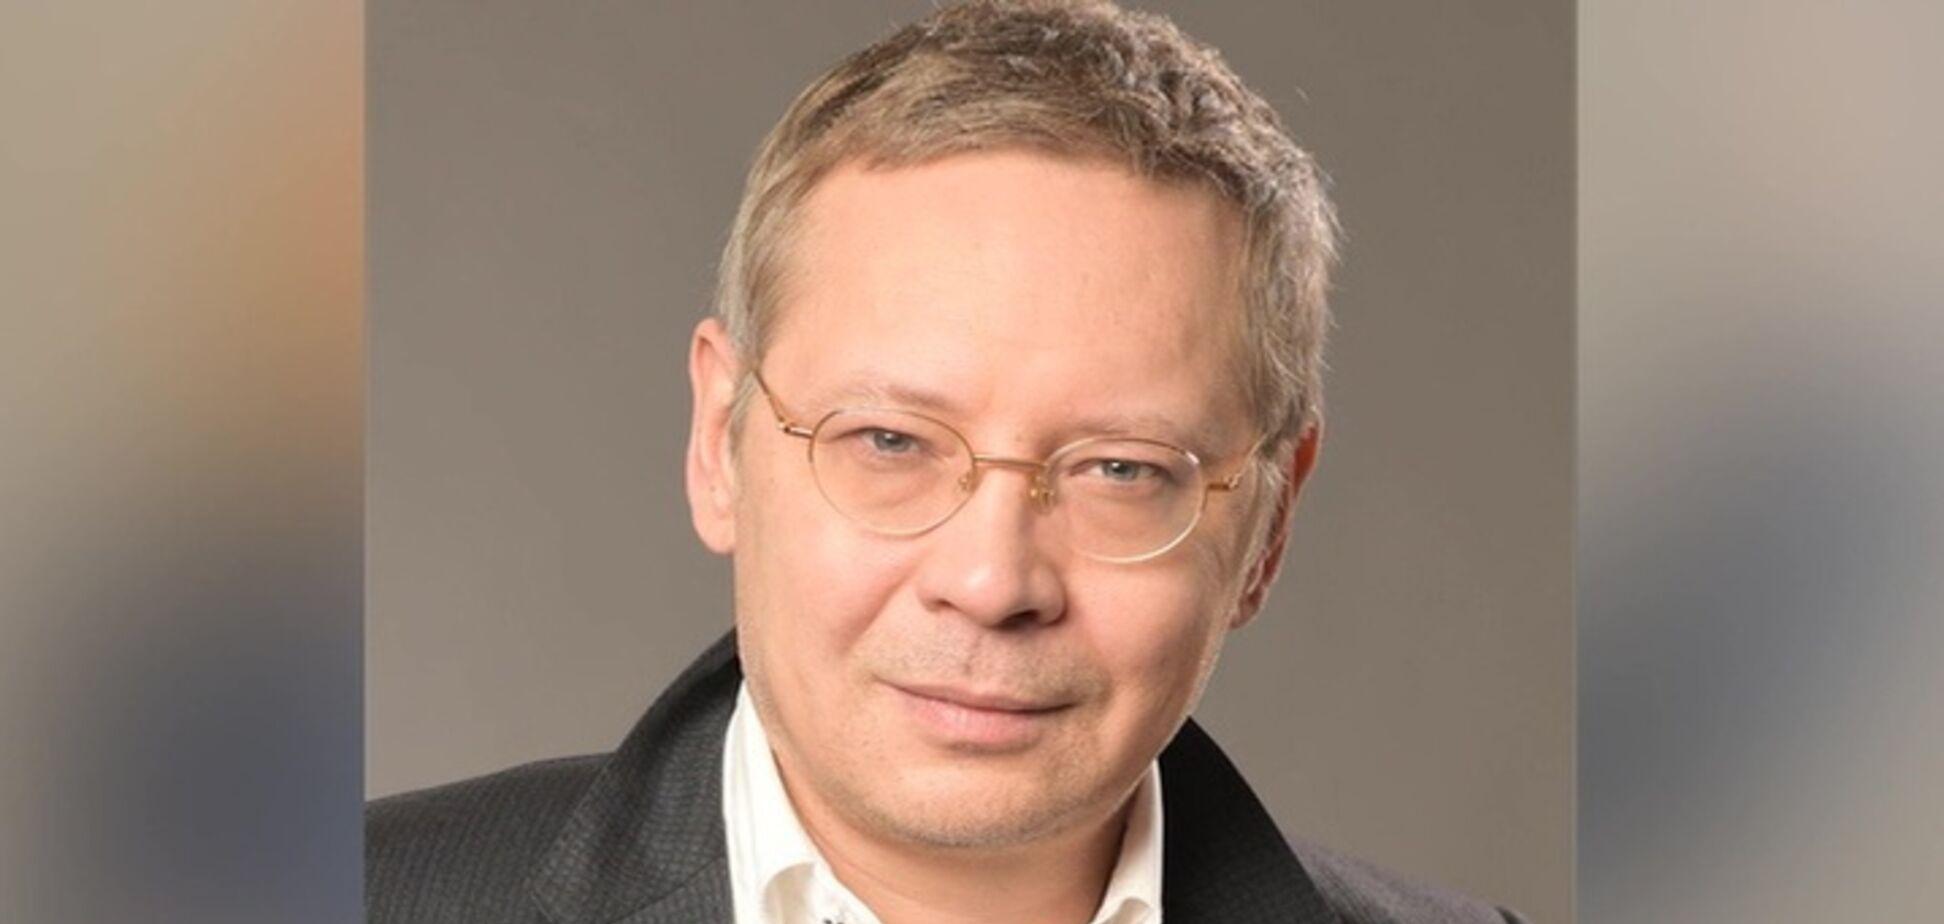 В ЕС задержали экс-менеджера Курченко по запросу Украины